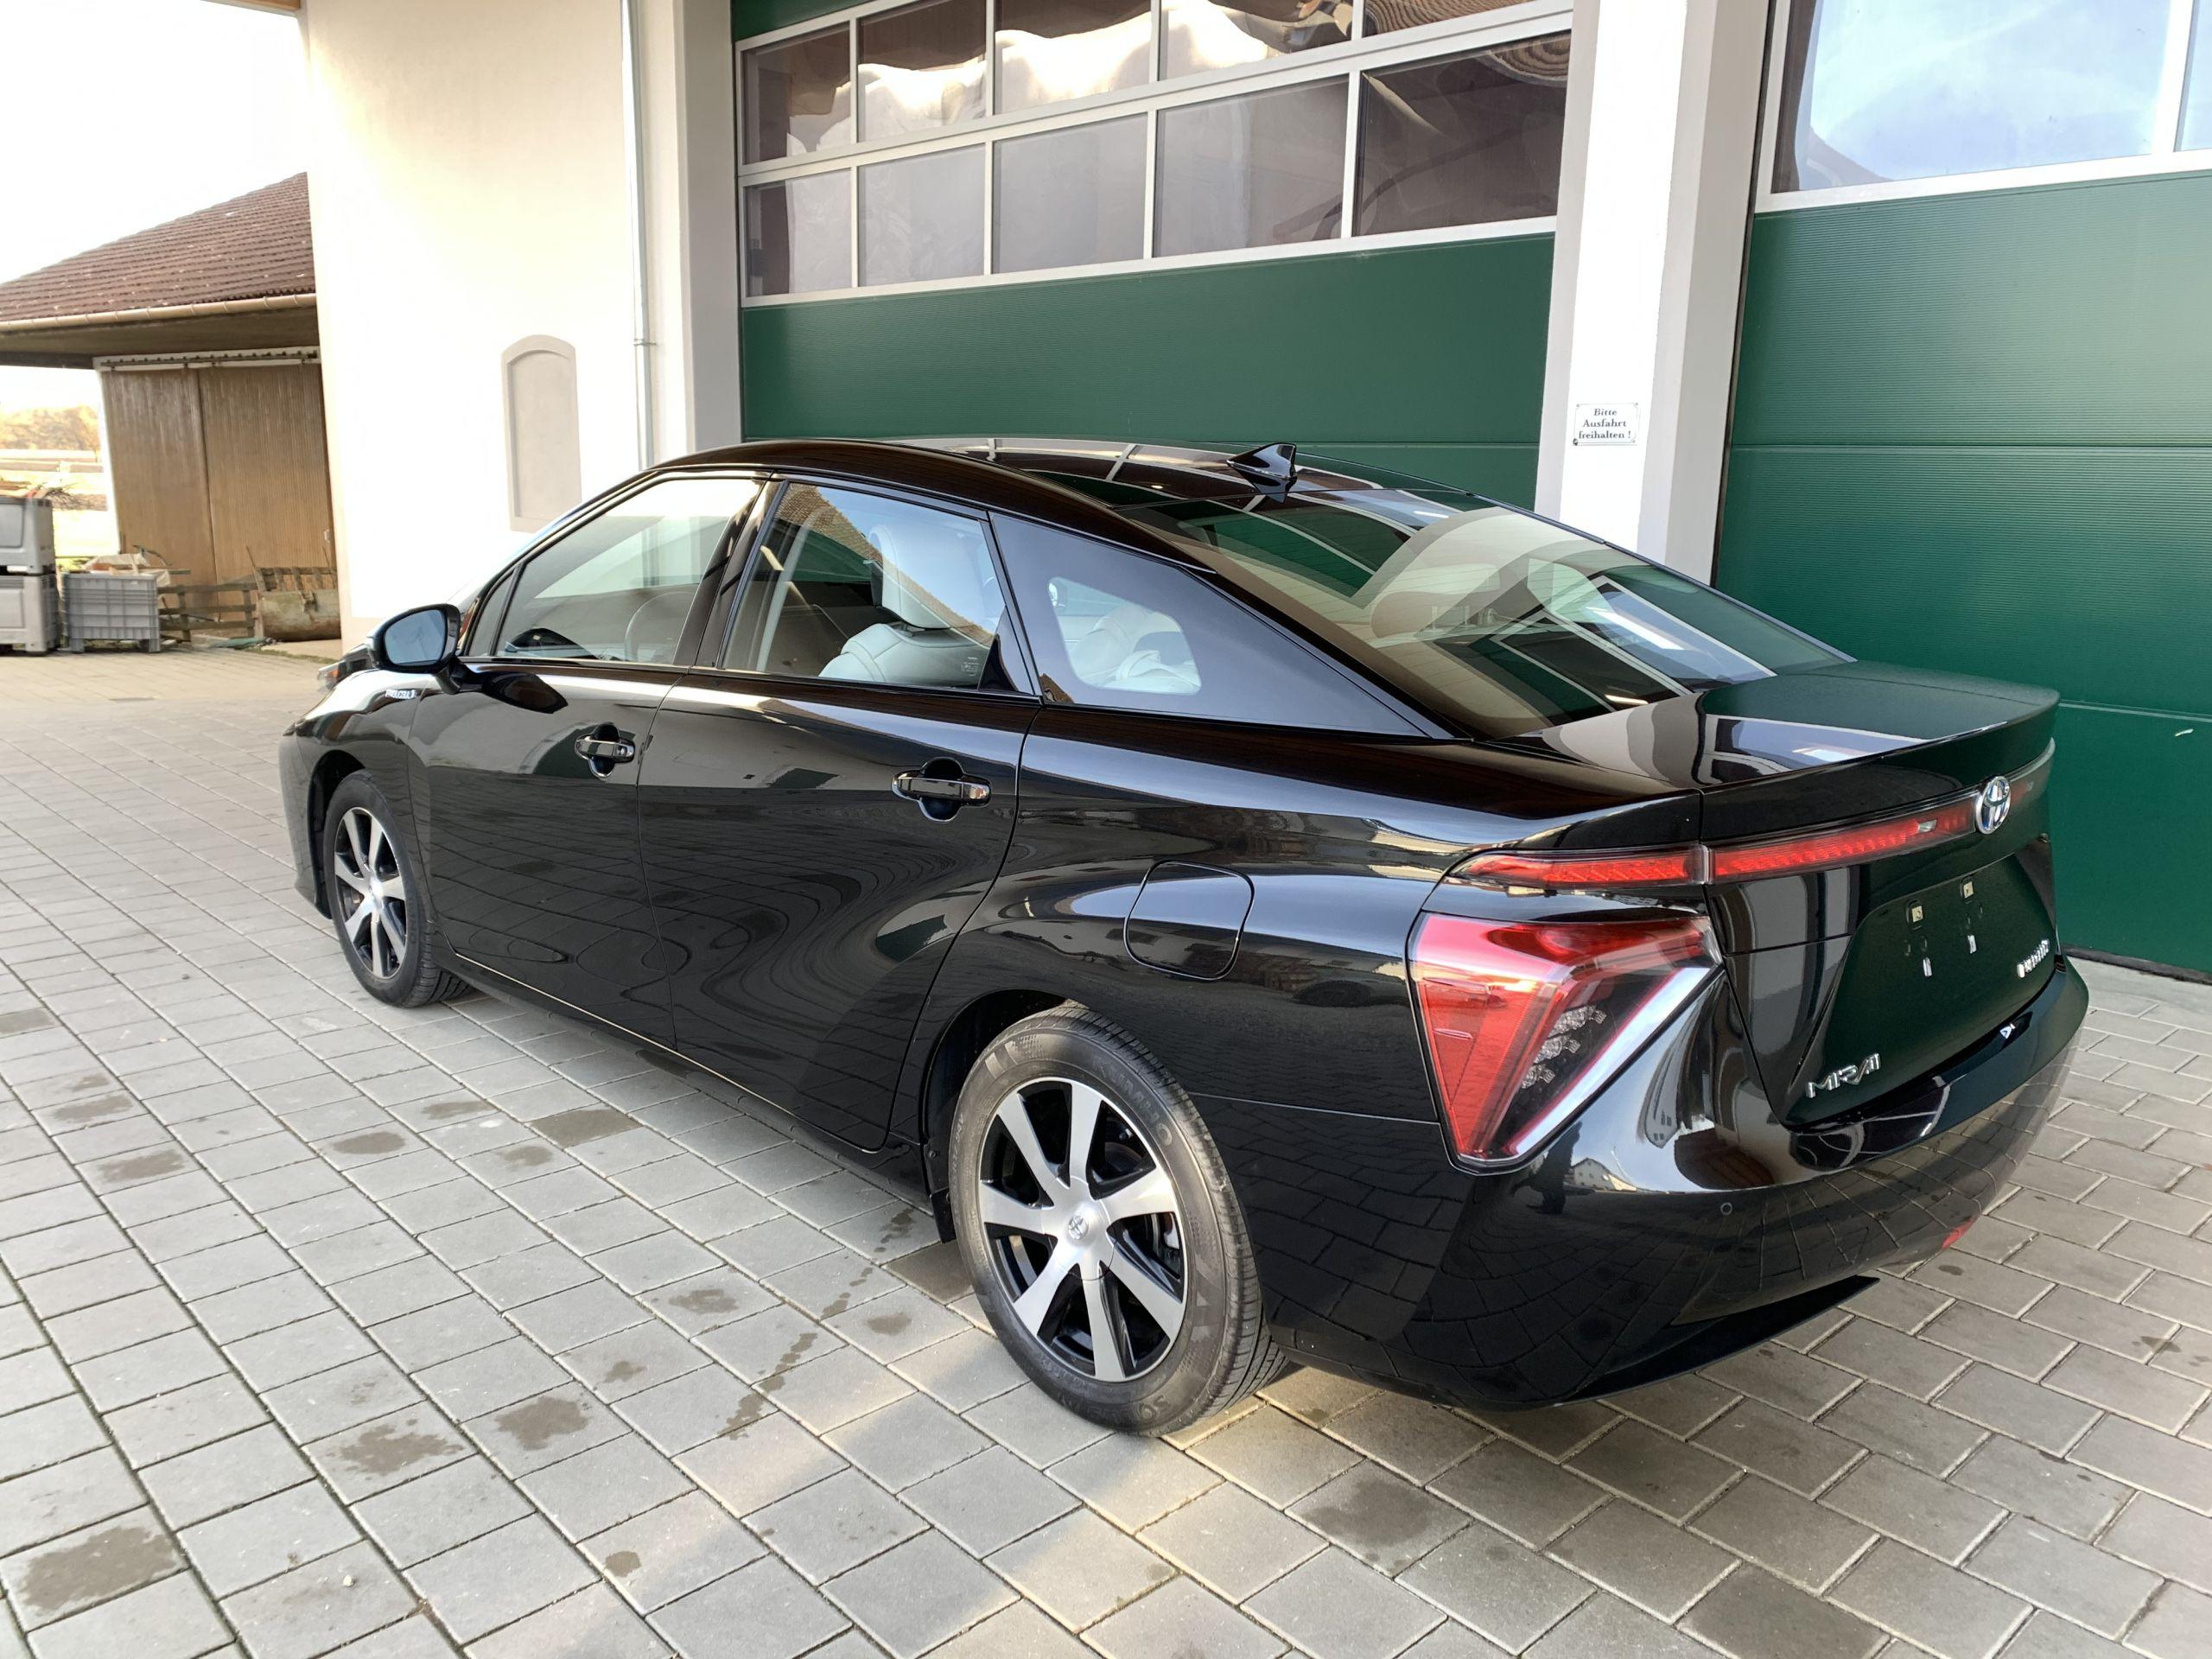 Schwarzer Gebraucht Toyota Mirai Wasserstoff Brennstoffzelle zu verkaufen Deutschland 16